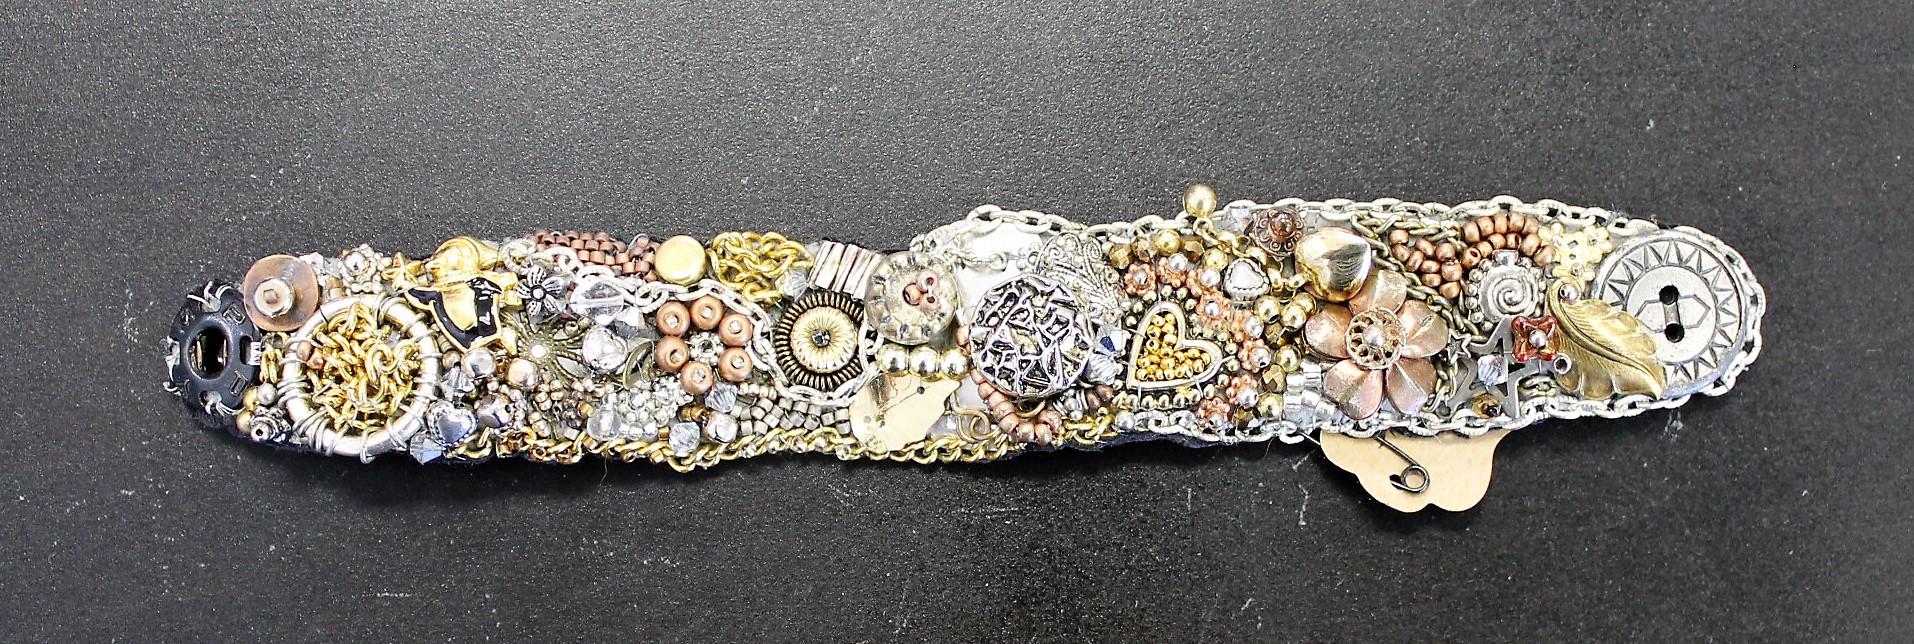 One-of-a-Kind Hand-Beaded Bracelet